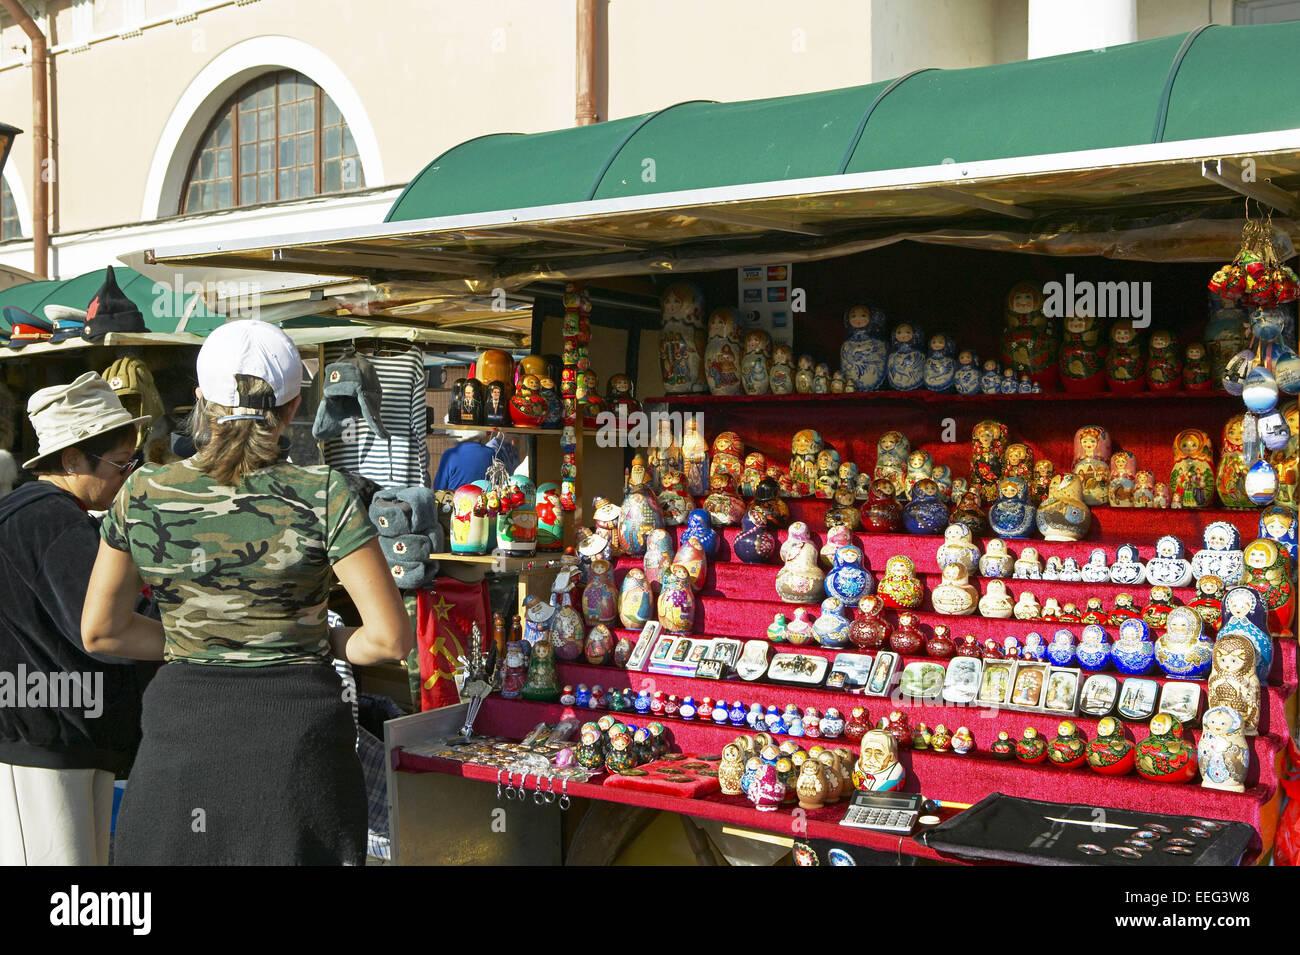 Russland St. Petersburg Souveniers Matrjoschka Puppen Sankt Peterburg Sehenswuerdigkeit Stadt Geographie Asien Gus Stock Photo